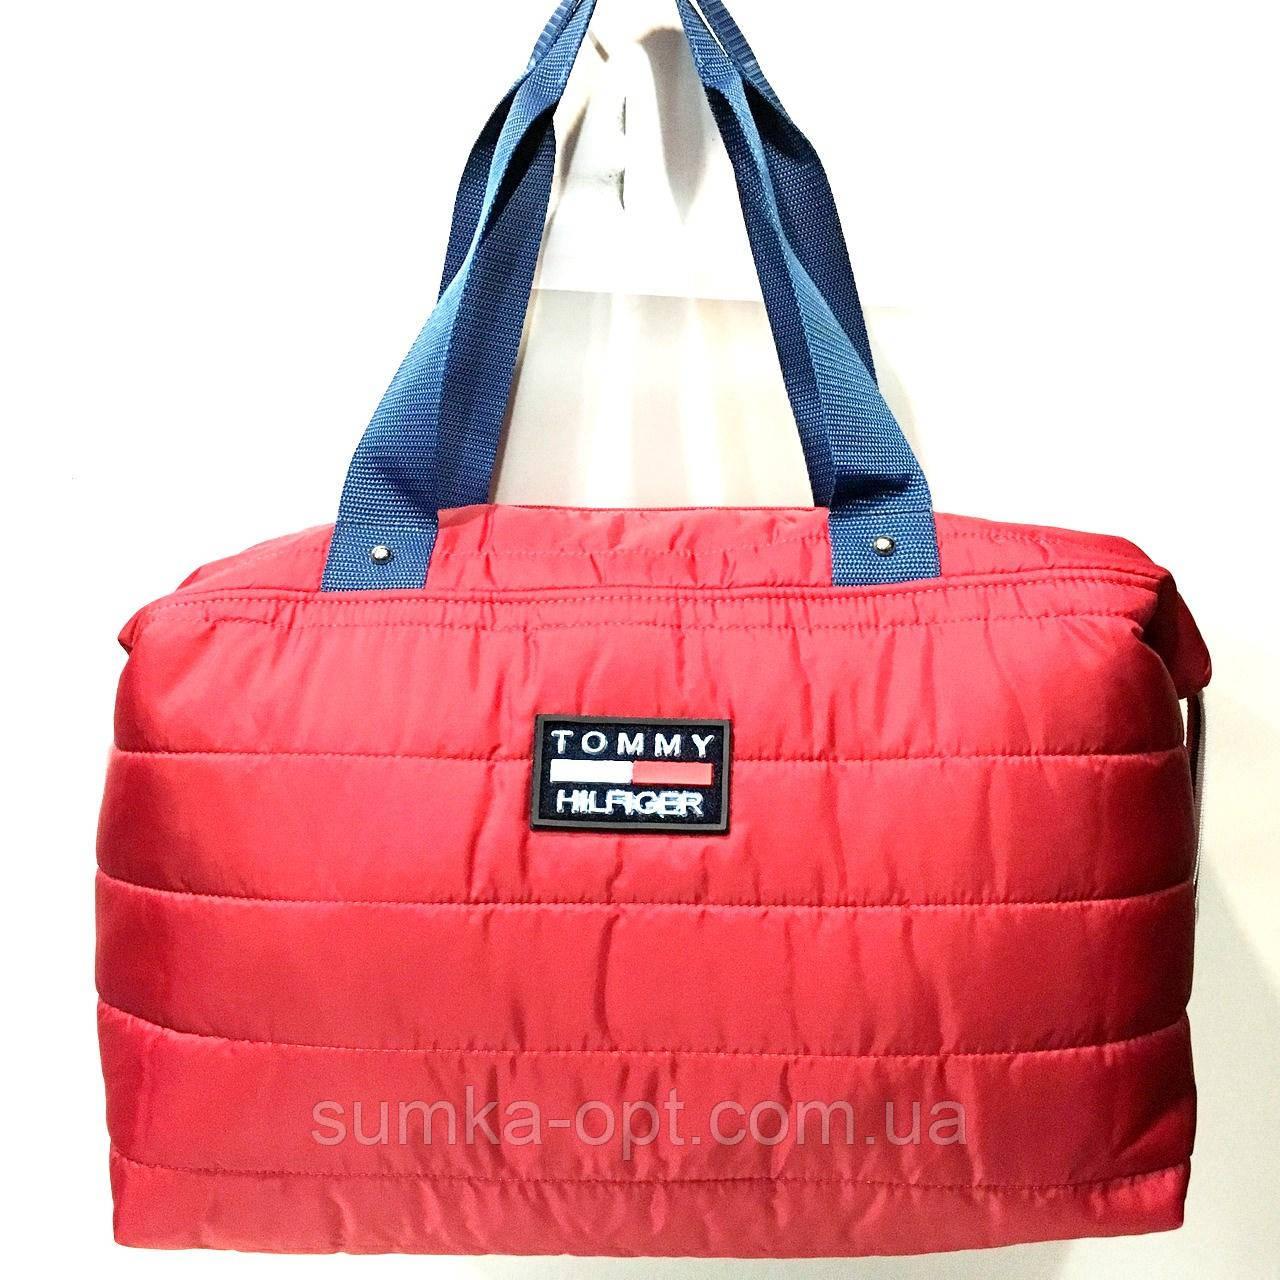 Брендовые спортивные сумки Tommy Hilfiger (красный)28*39см